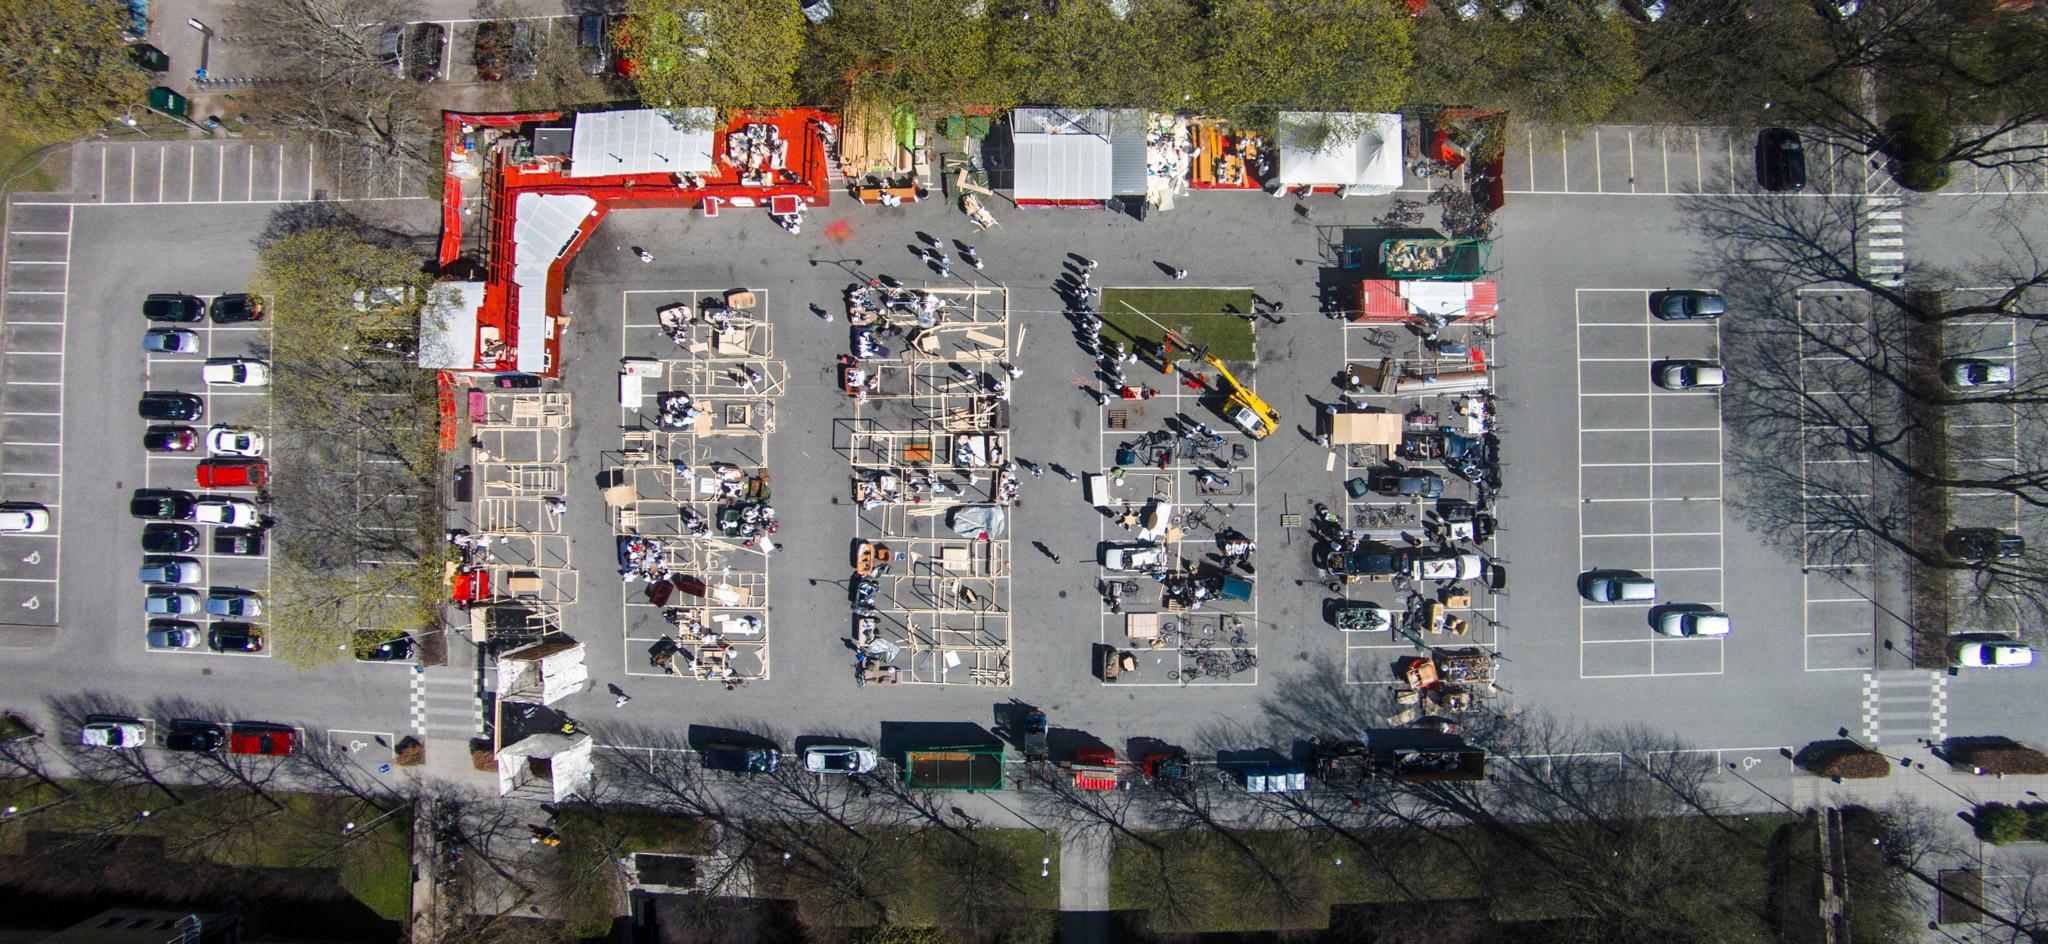 Byggplatsen-dag-4-VictorBerghAlvergren-46